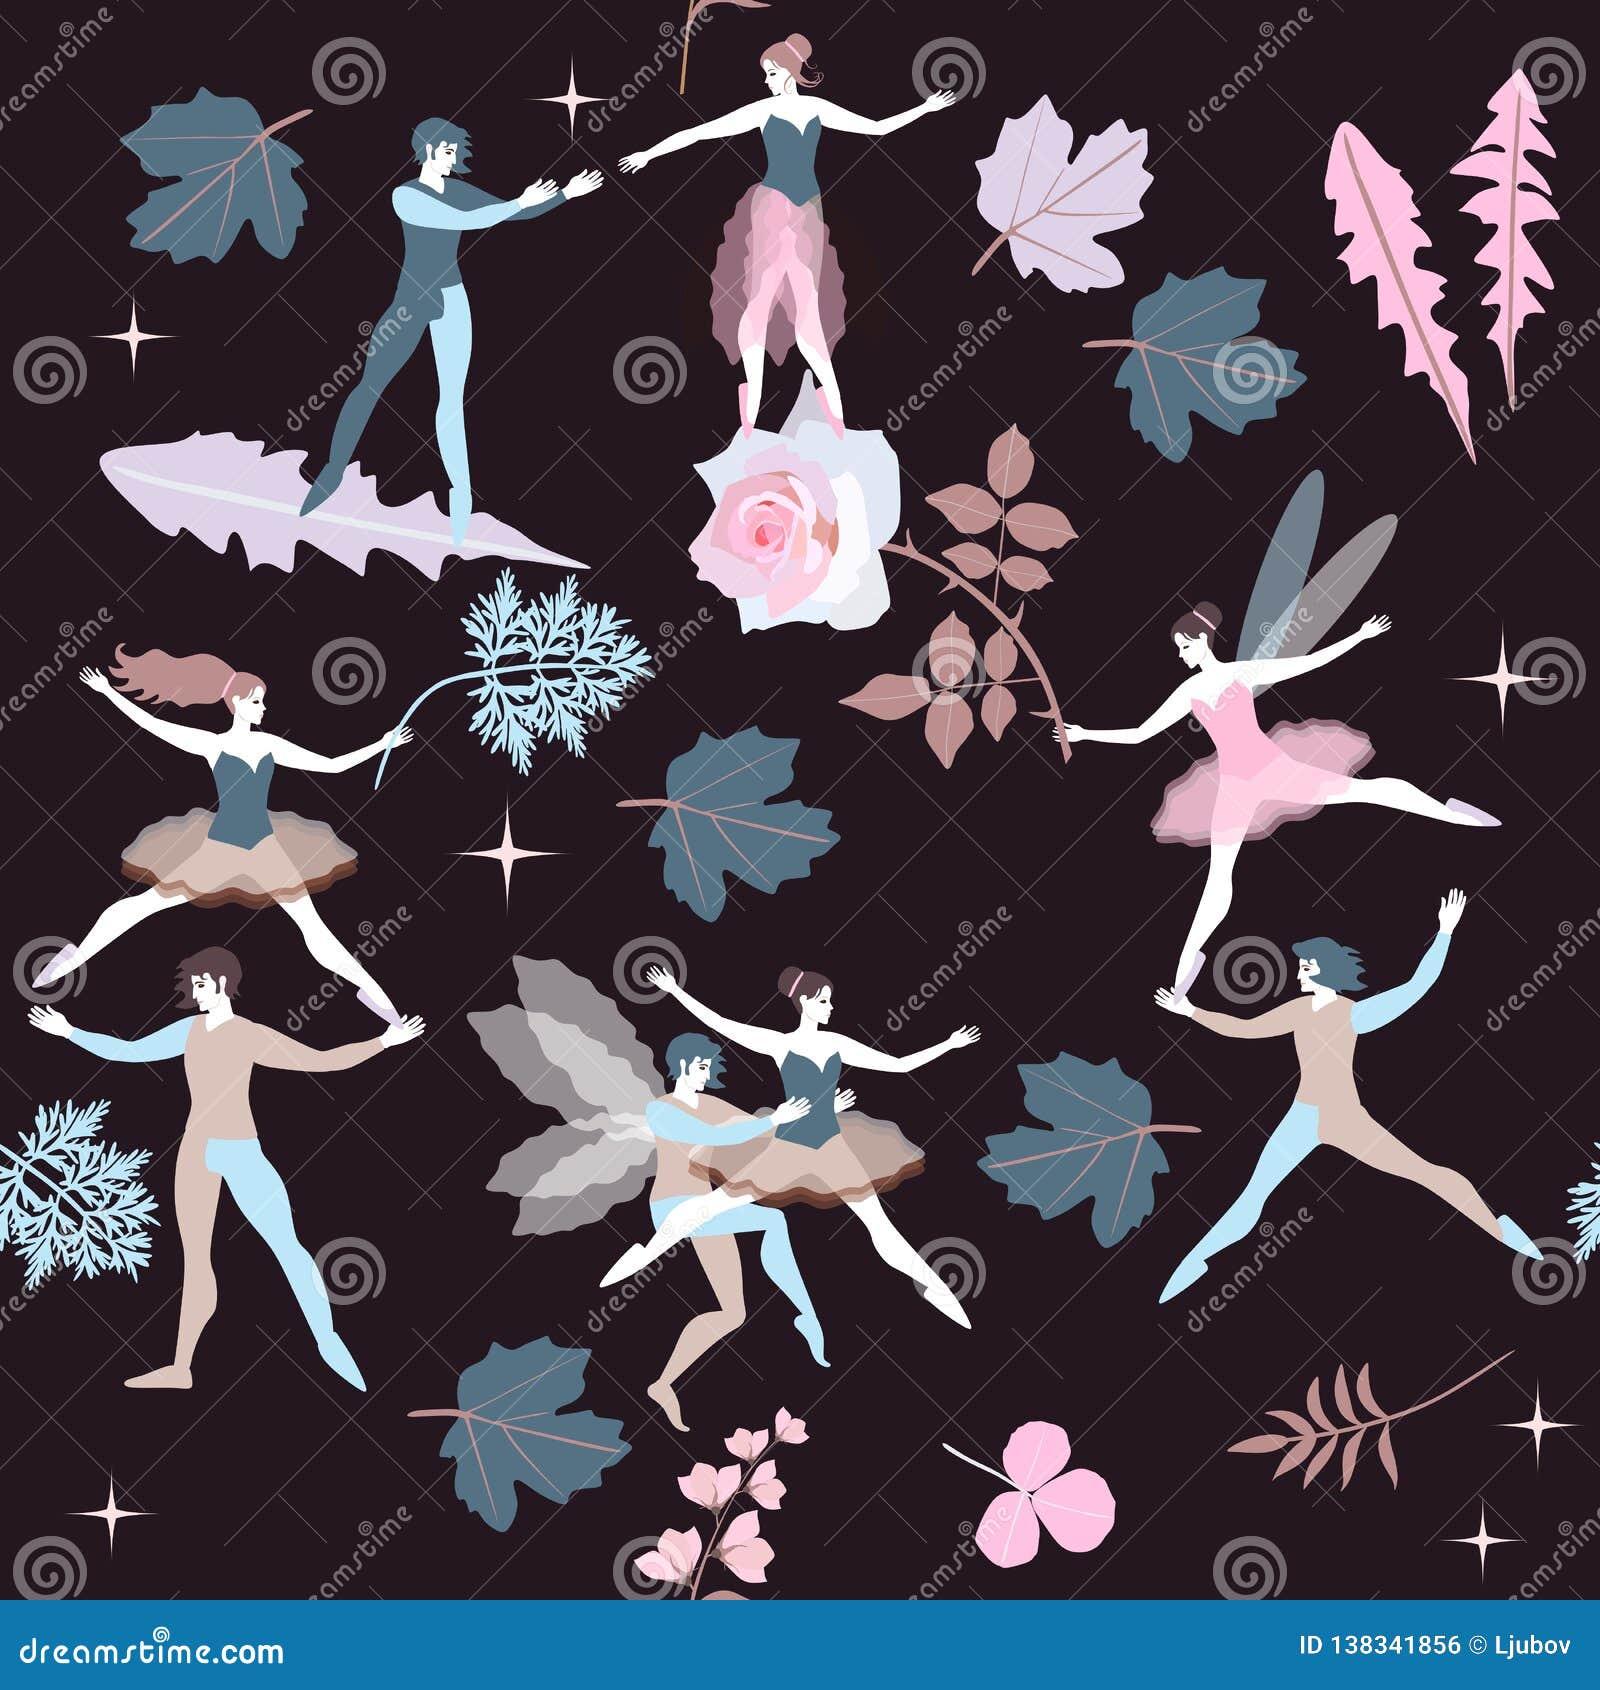 Seamless Magic Pattern With Cute Cartoon Ballet Dancers Fairies